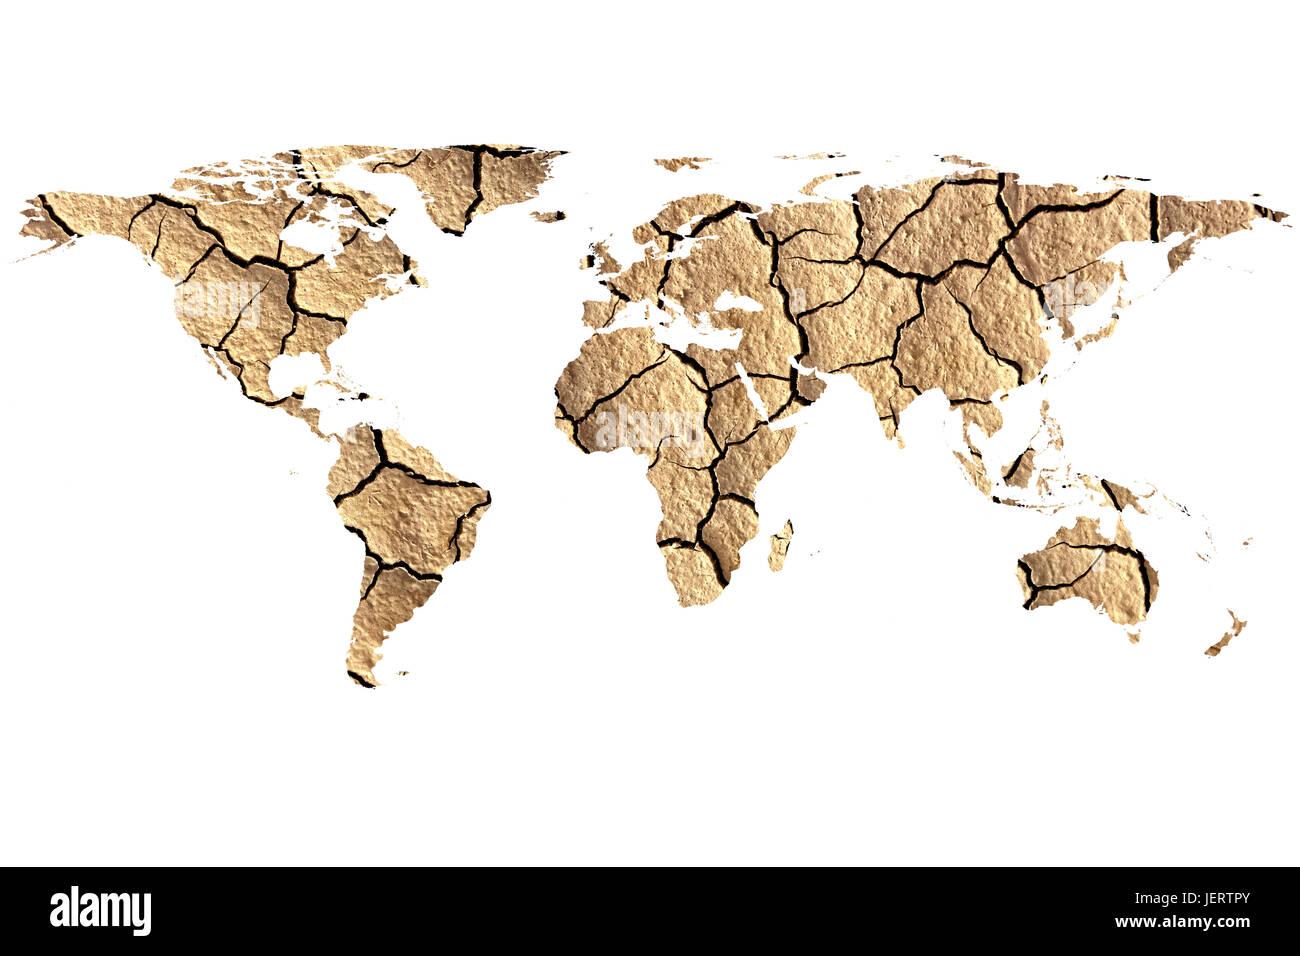 Imagen conceptual del paisaje seco con piso amueblado mapa del mundo, mapa del mundo NASA imagen utilizada Imagen De Stock